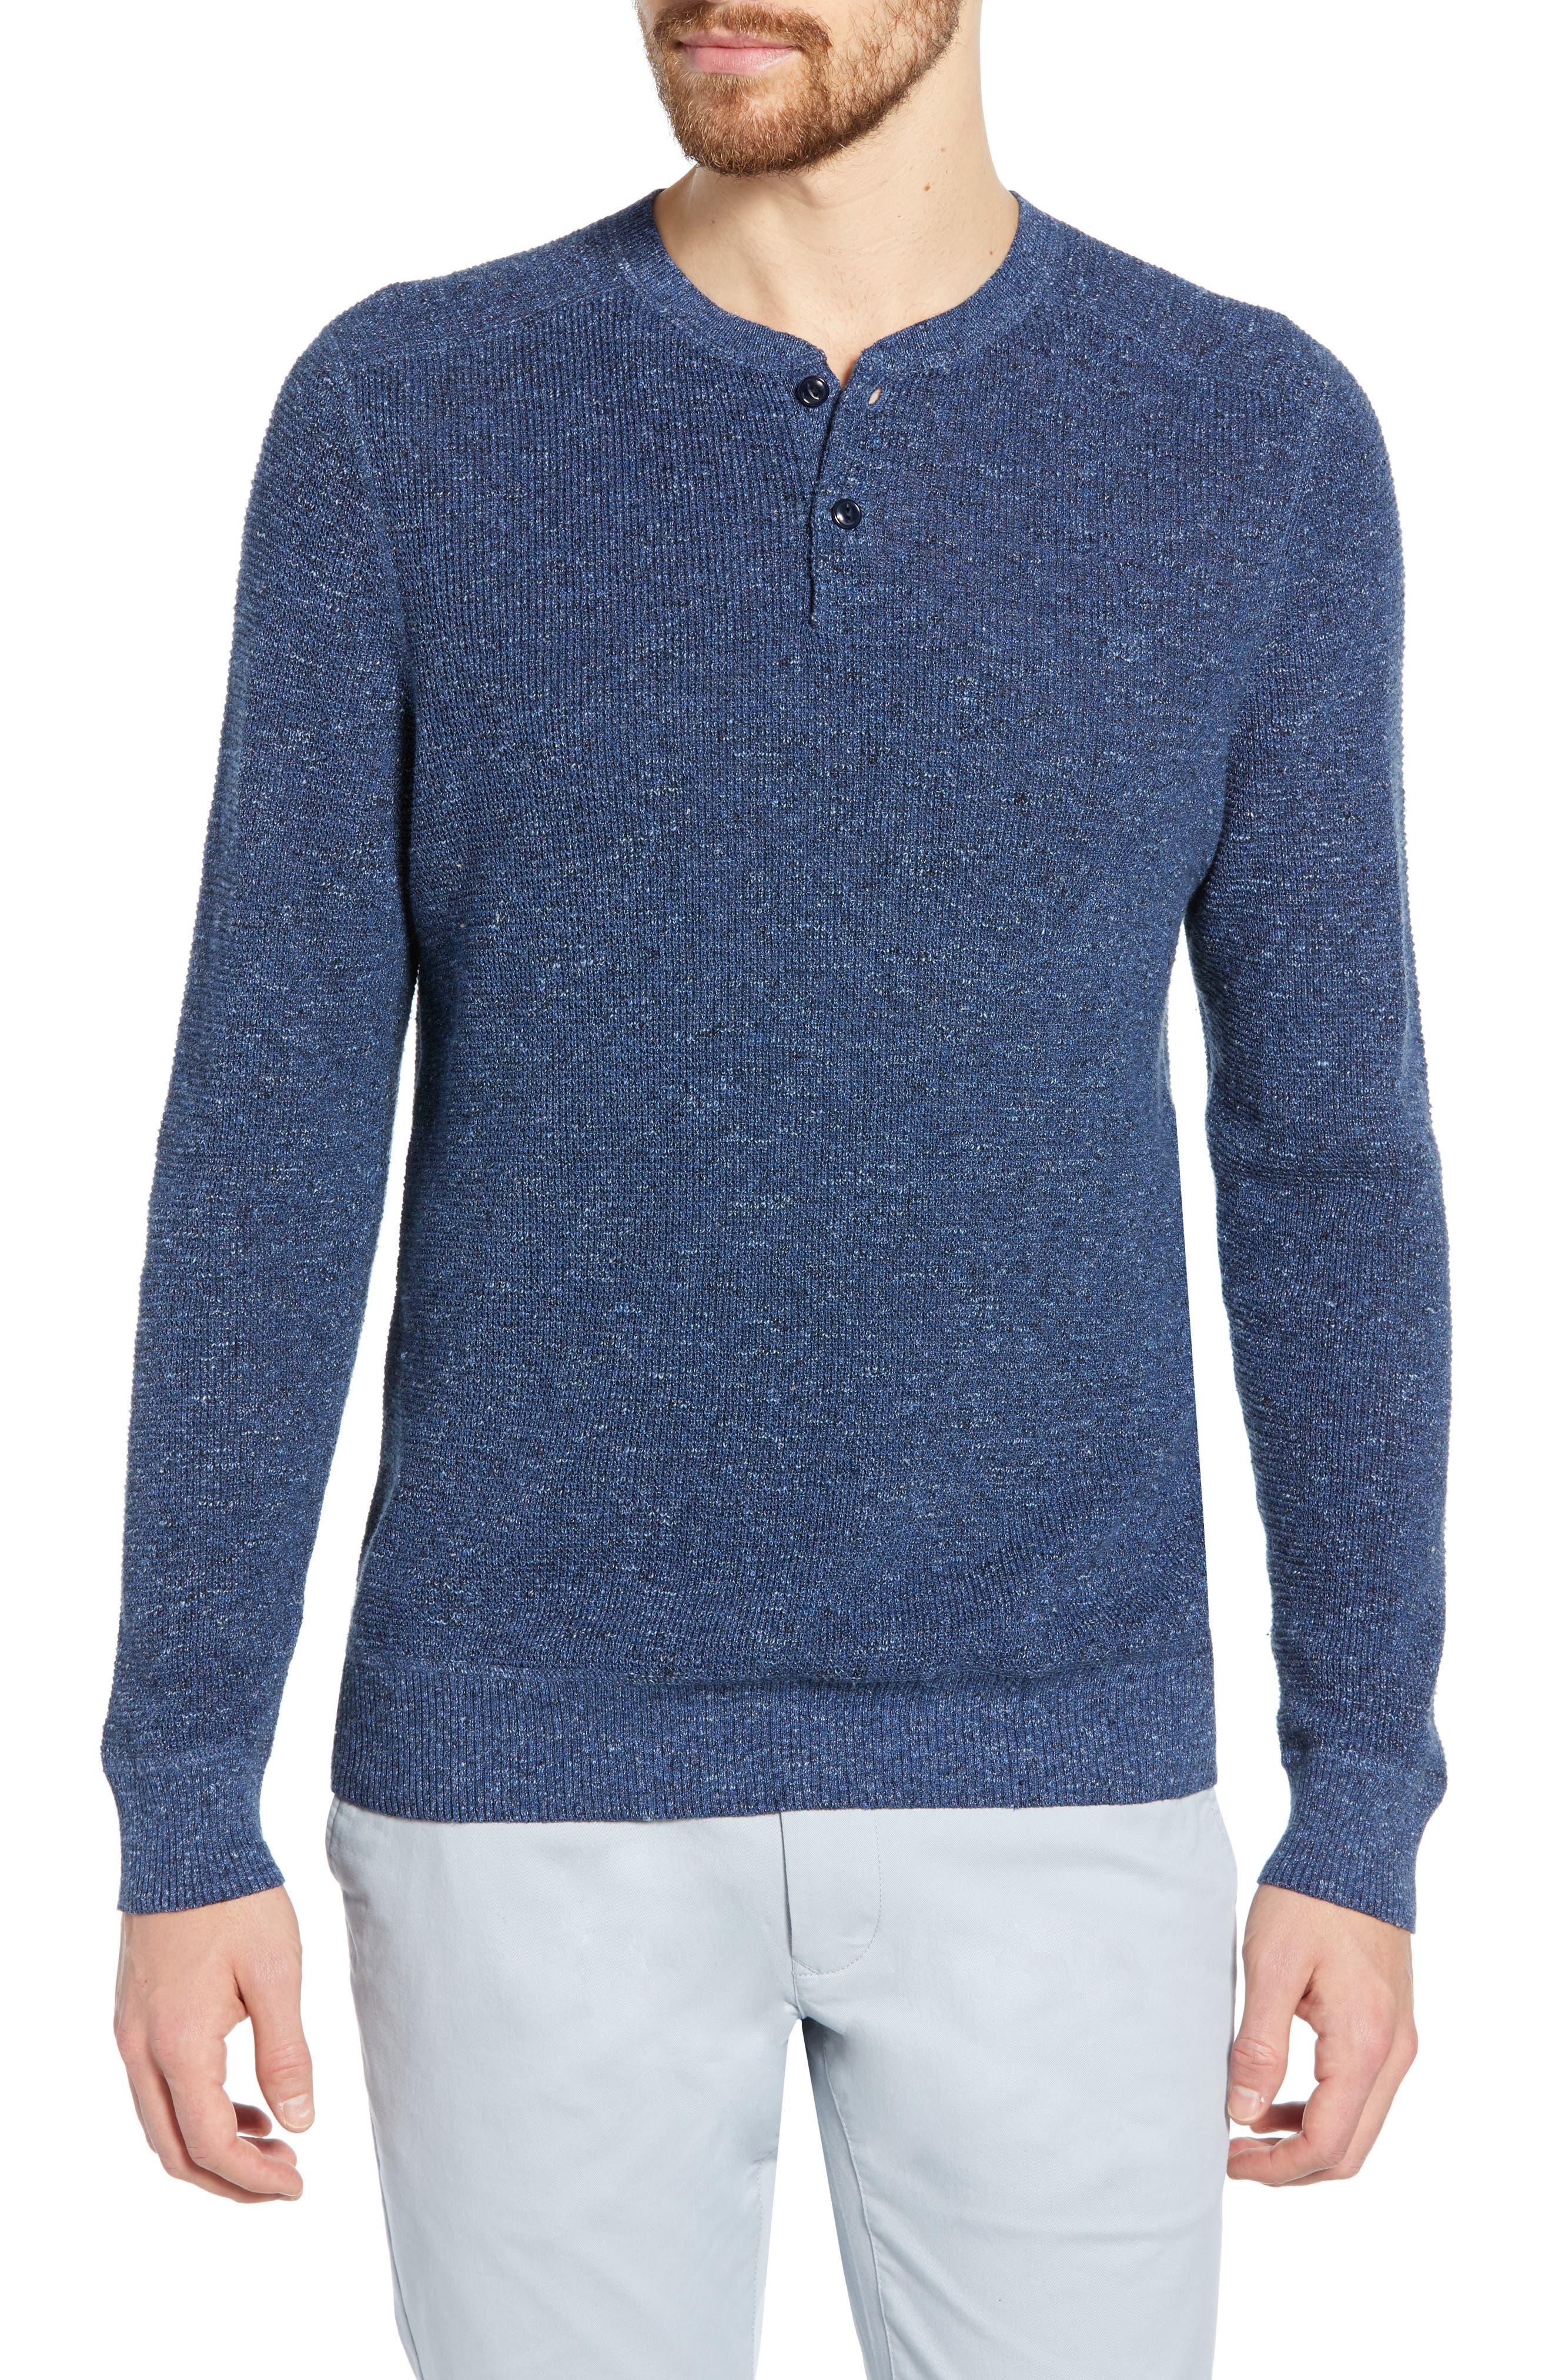 Bonobos Cotton & Linen Slim Fit Henley Sweater, Blue